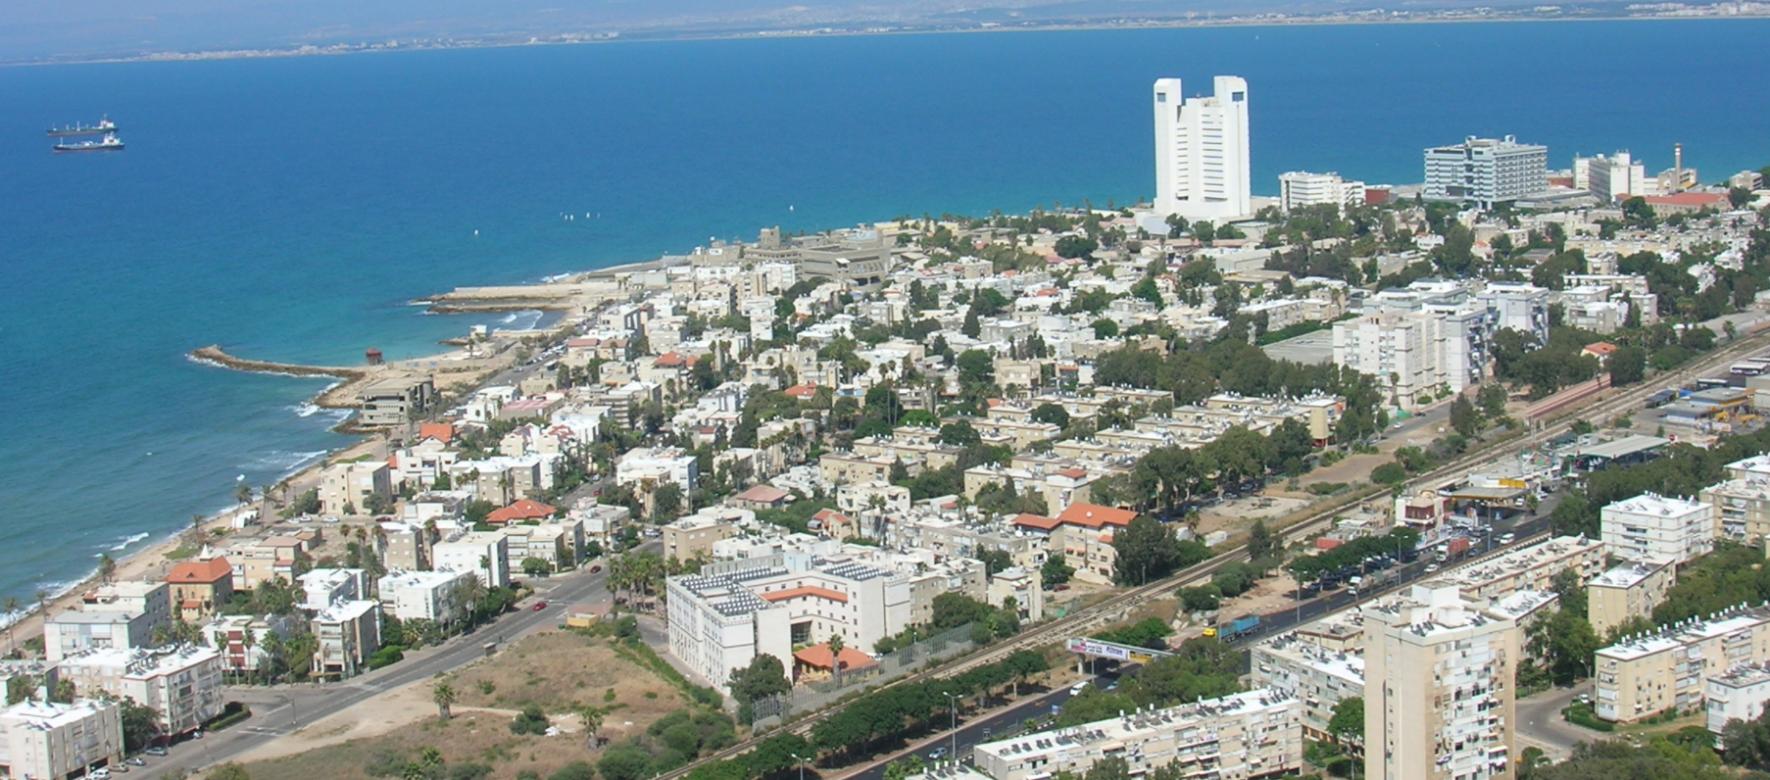 En Israël, Haifa Chemicals a décidé de licencier 800 salariés